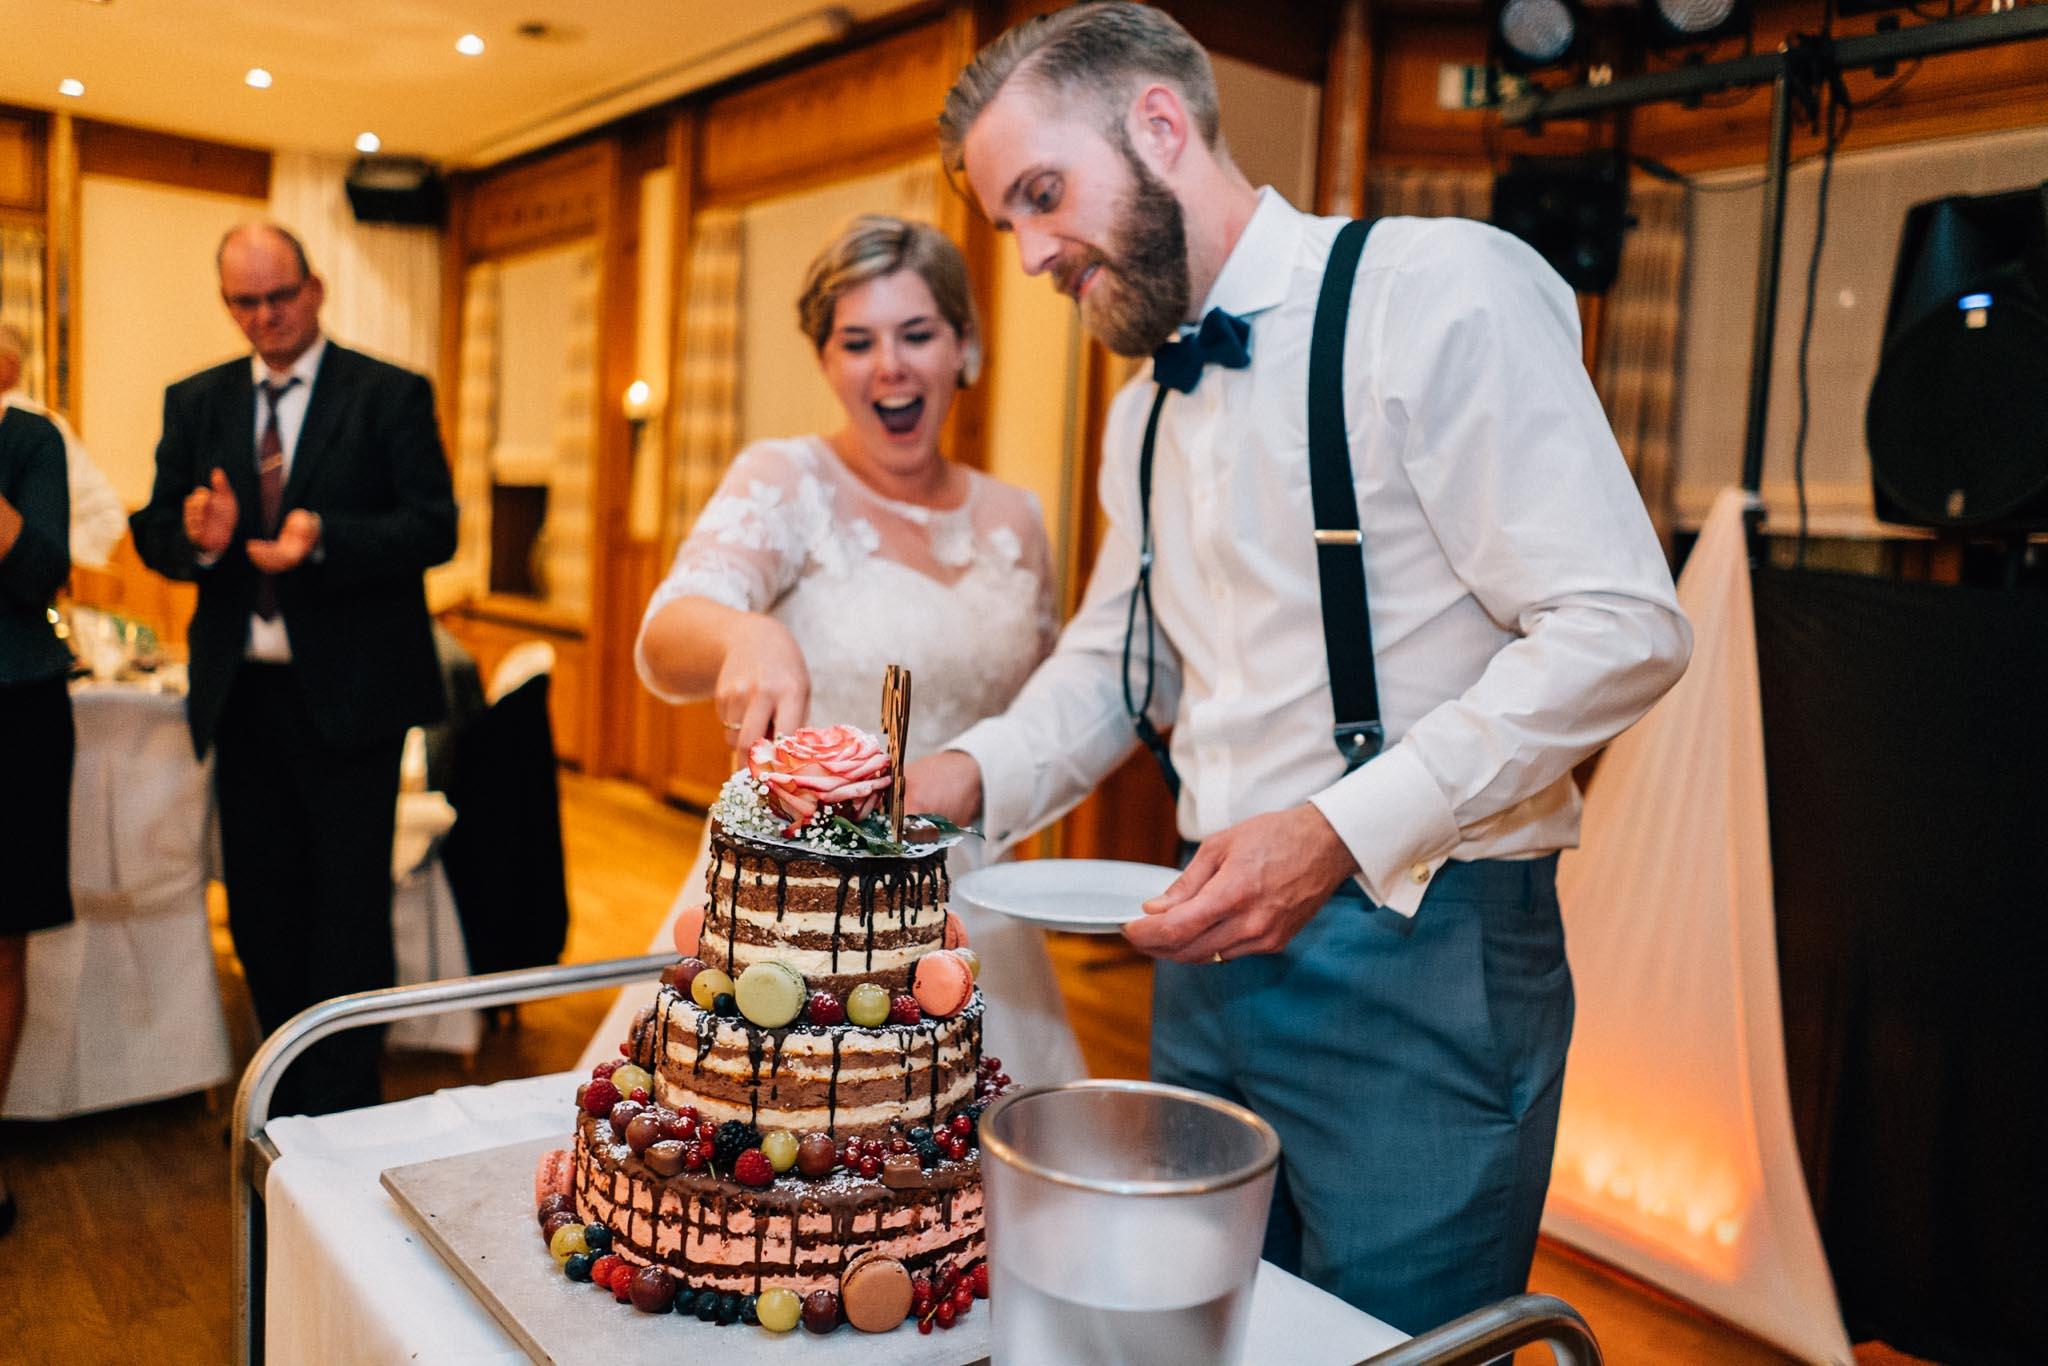 Hochzeitsfotograf Lage, Hochzeitsfotogcraf Detmold